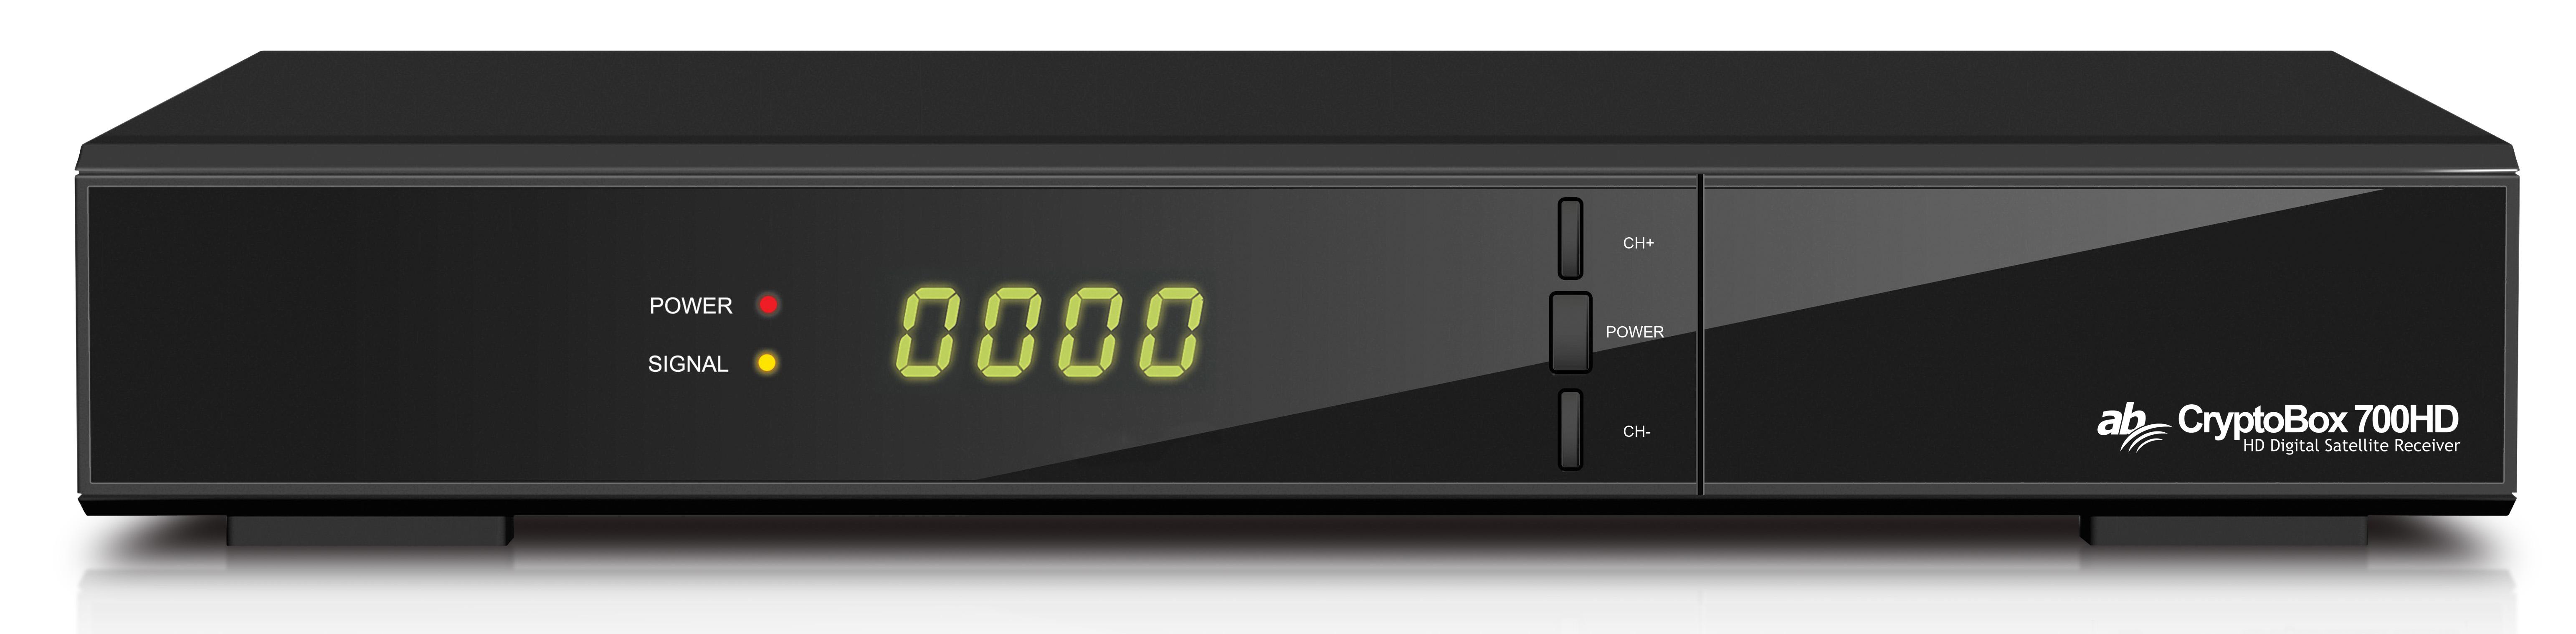 03b1becb1 PC Revue   Recenzia: AB Cryptobox 700HD - pripravený na budúcnosť